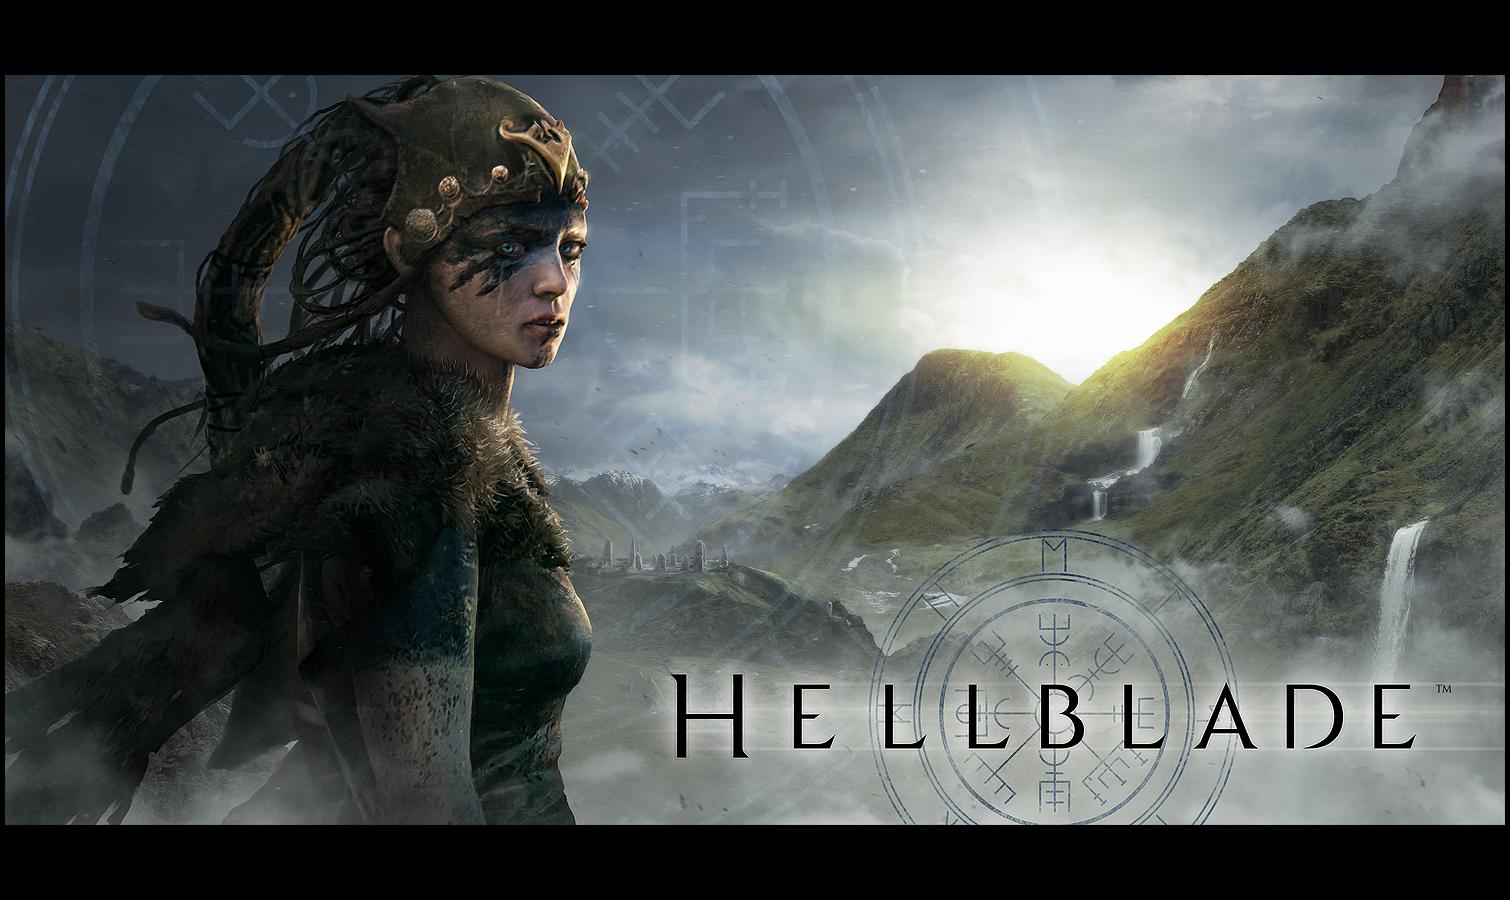 hellblade 090615